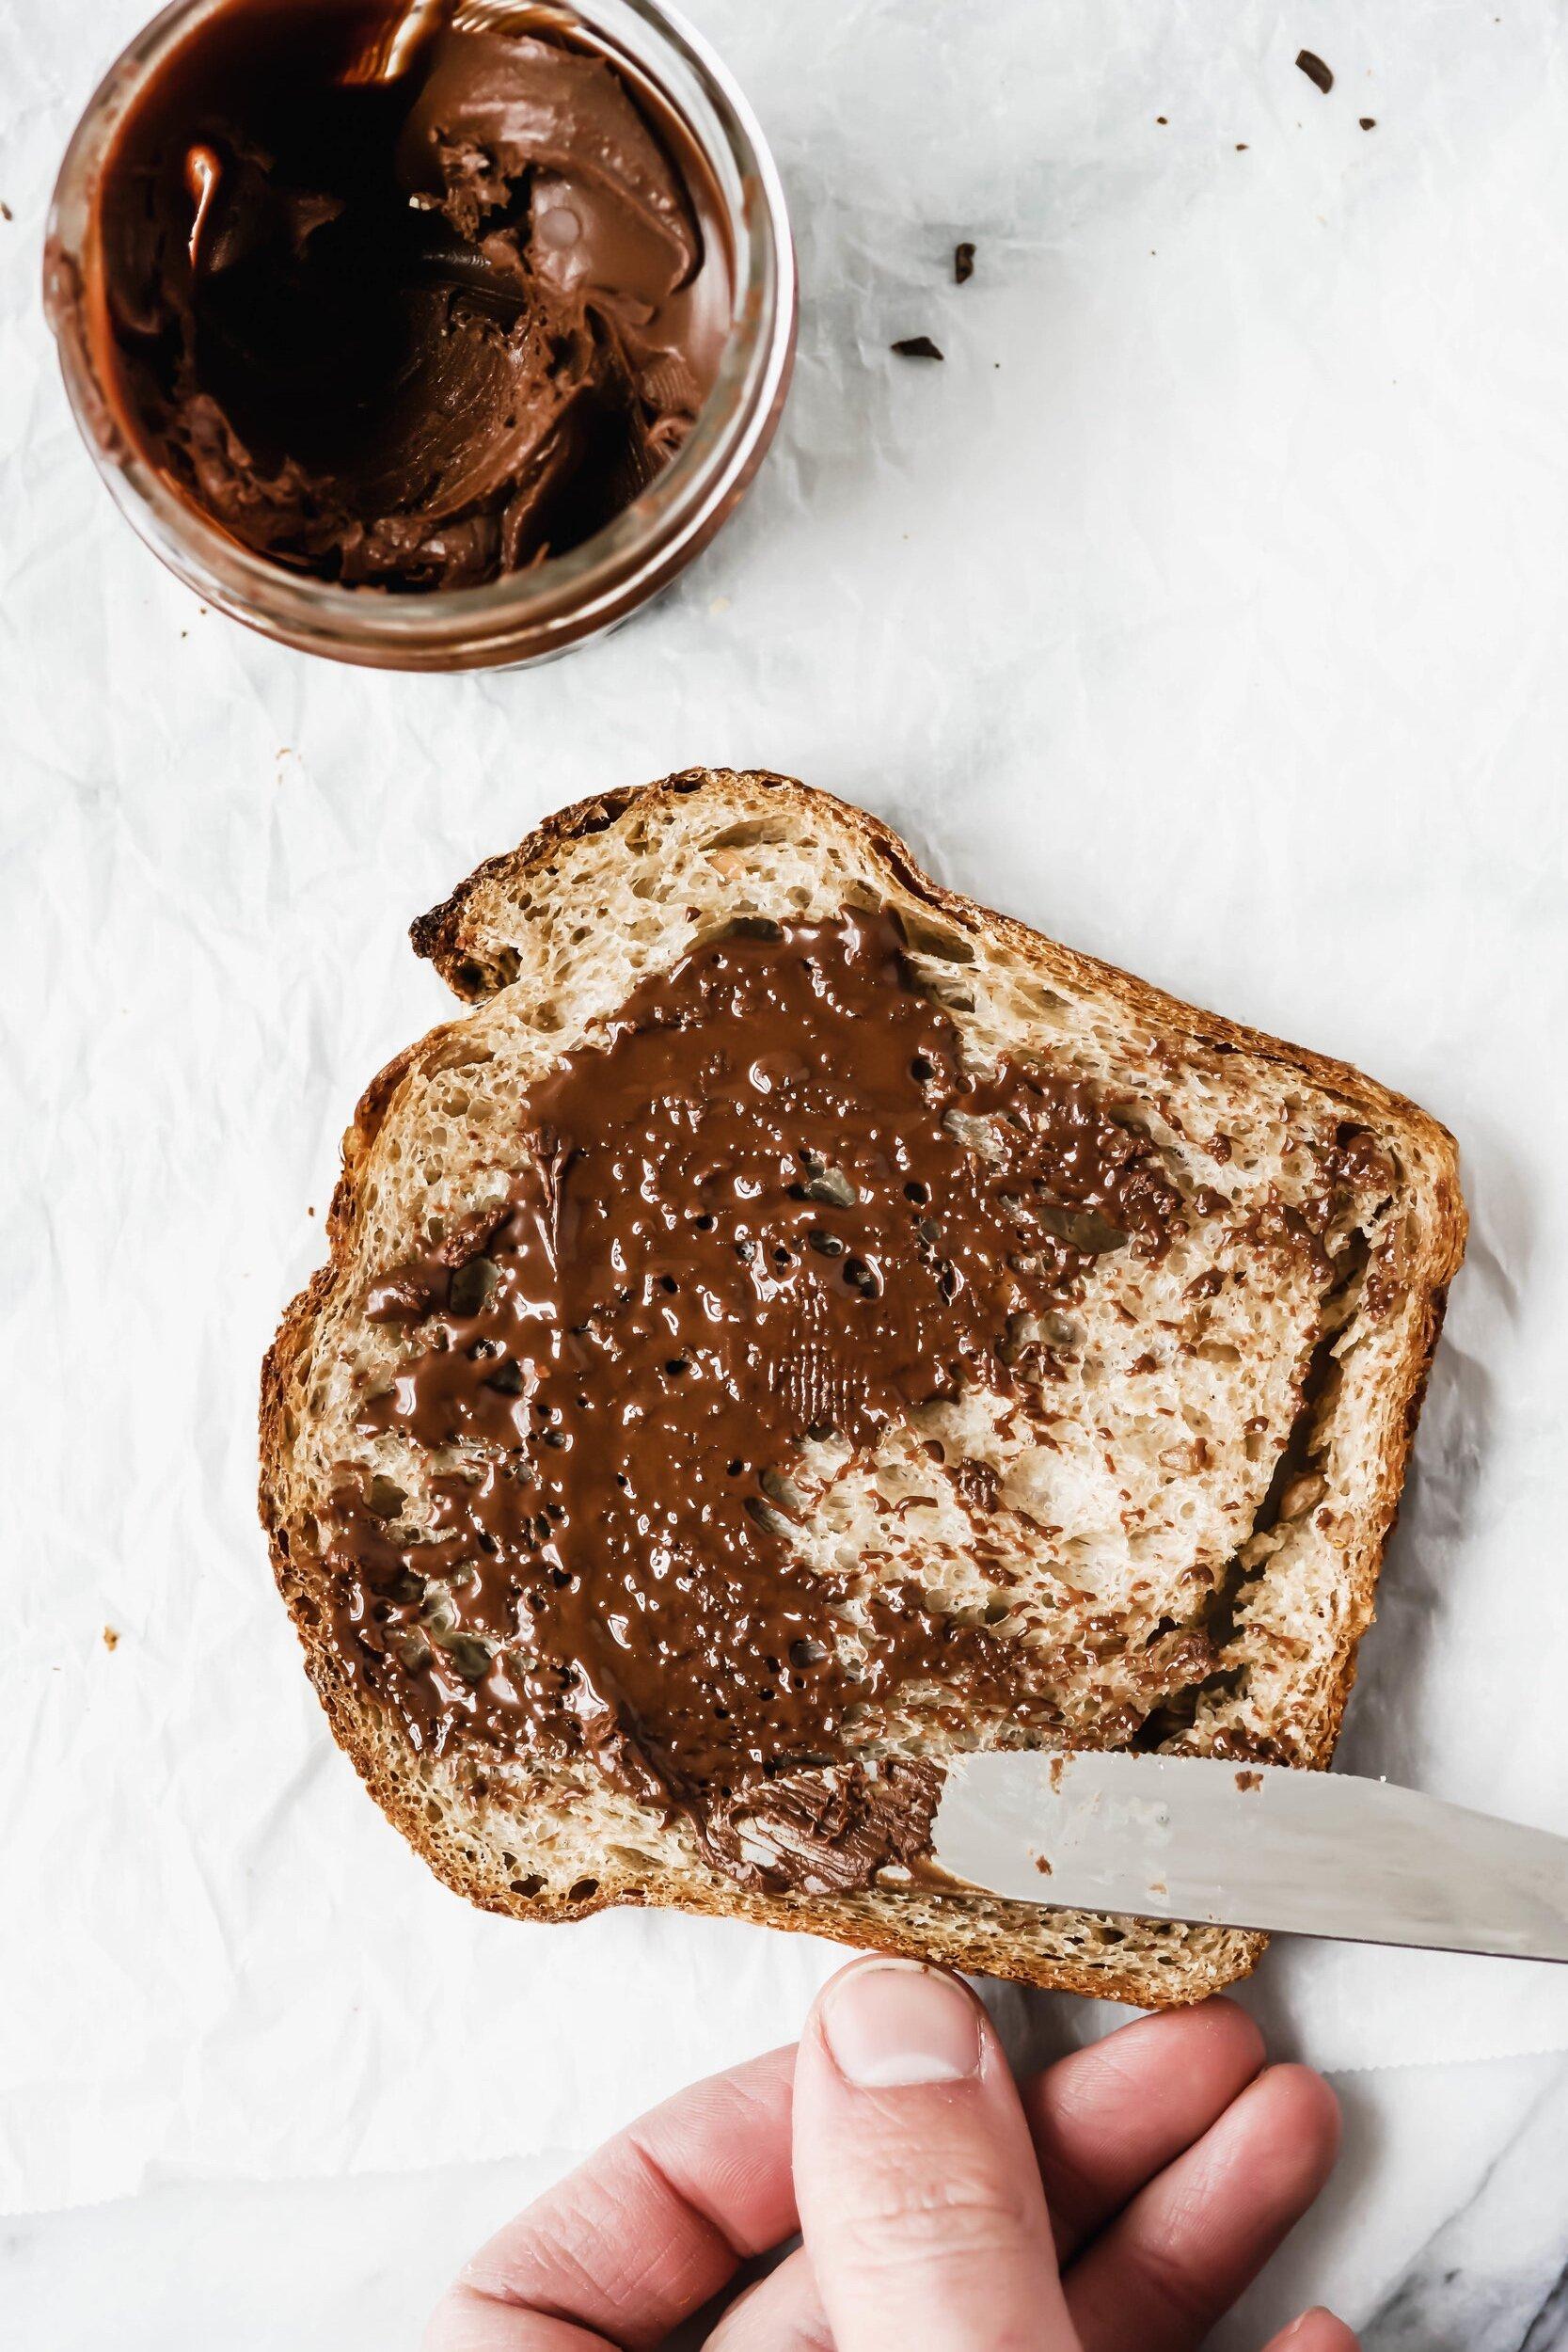 Easy Dark Chocolate Hazelnut Spread